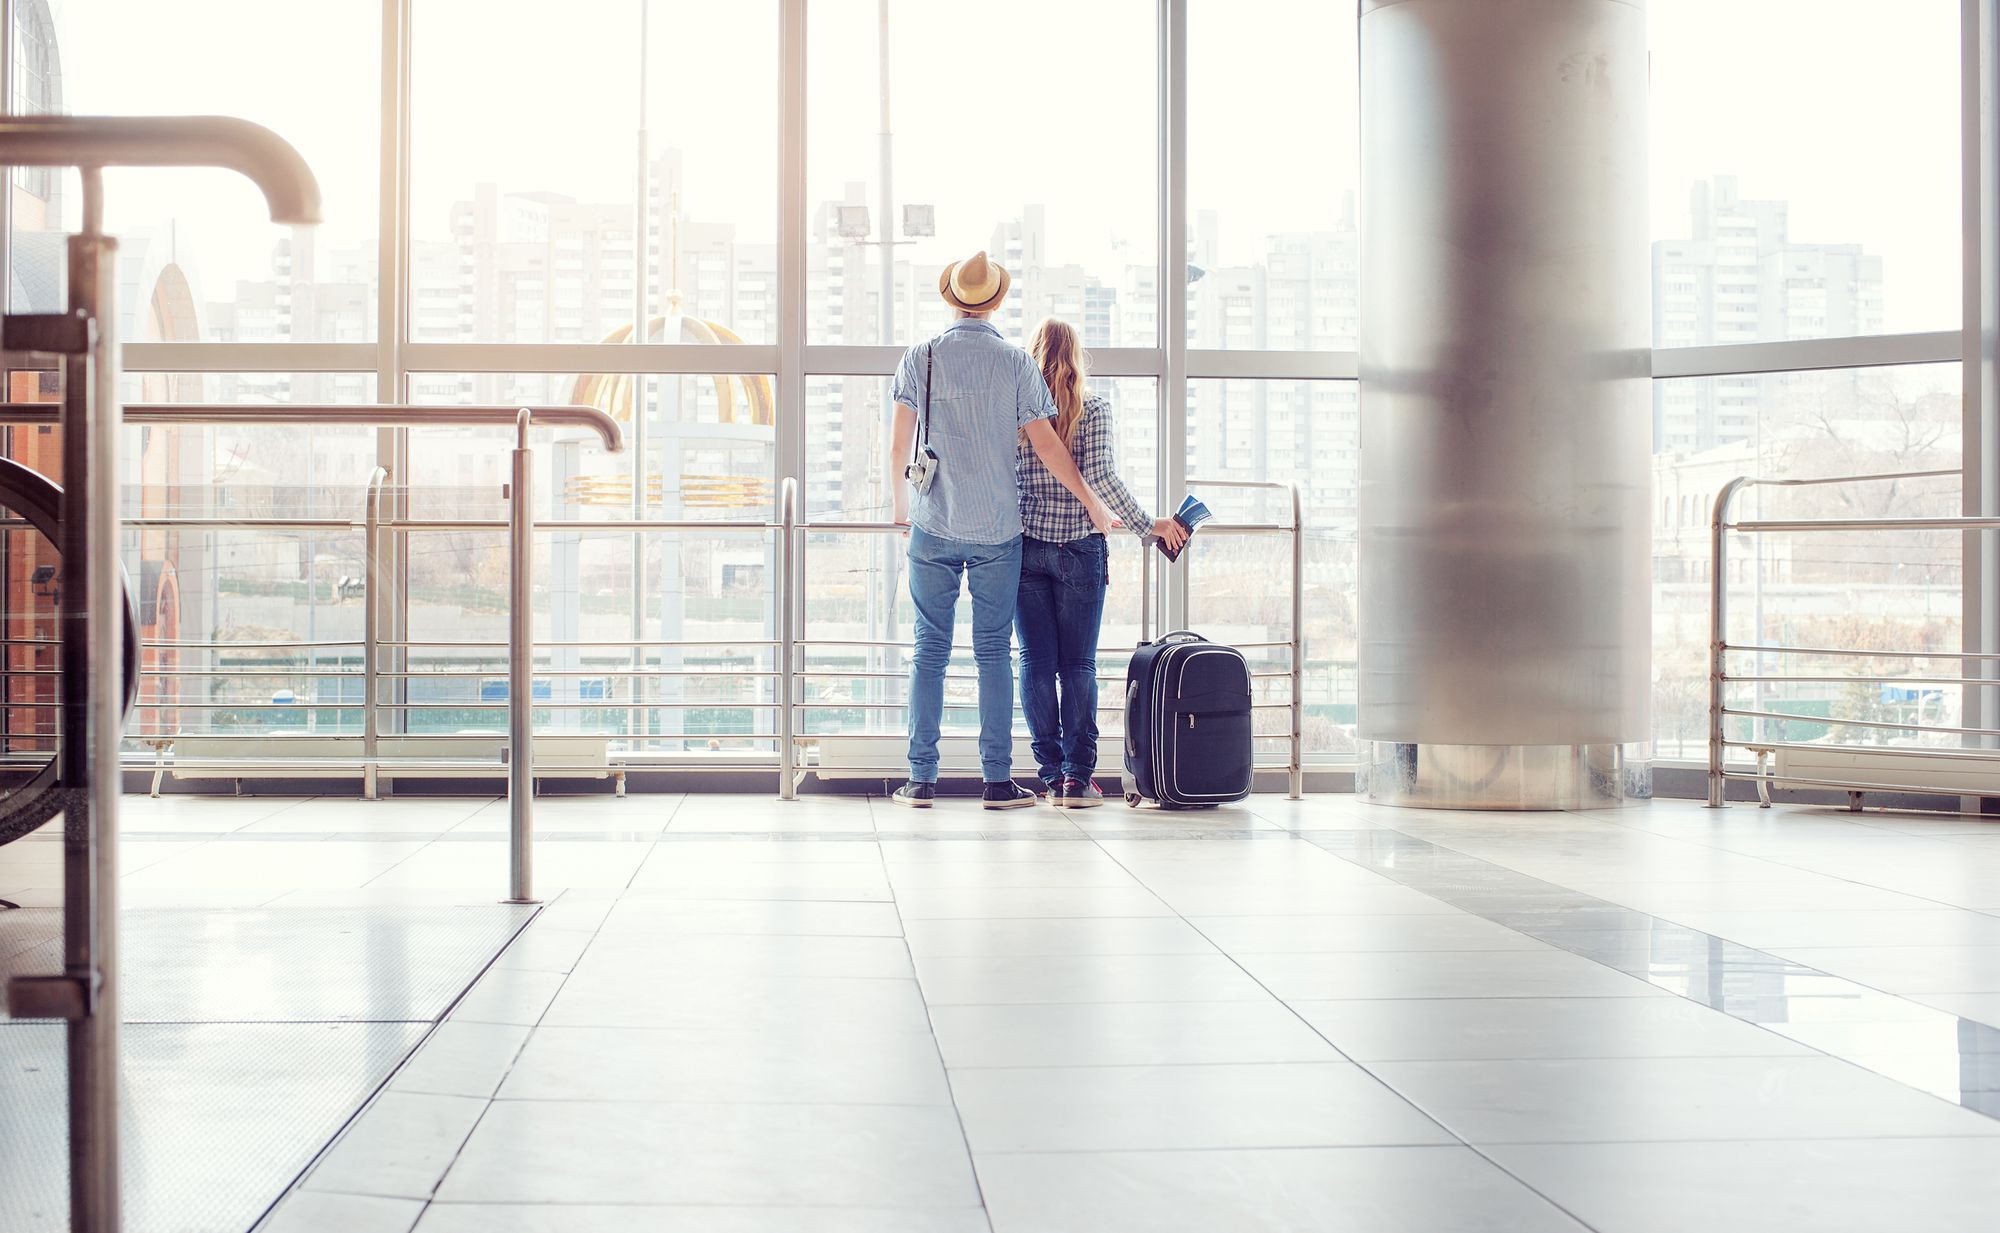 Afinal, Como Escolher O Melhor Seguro Viagem Para Sua Viagem?